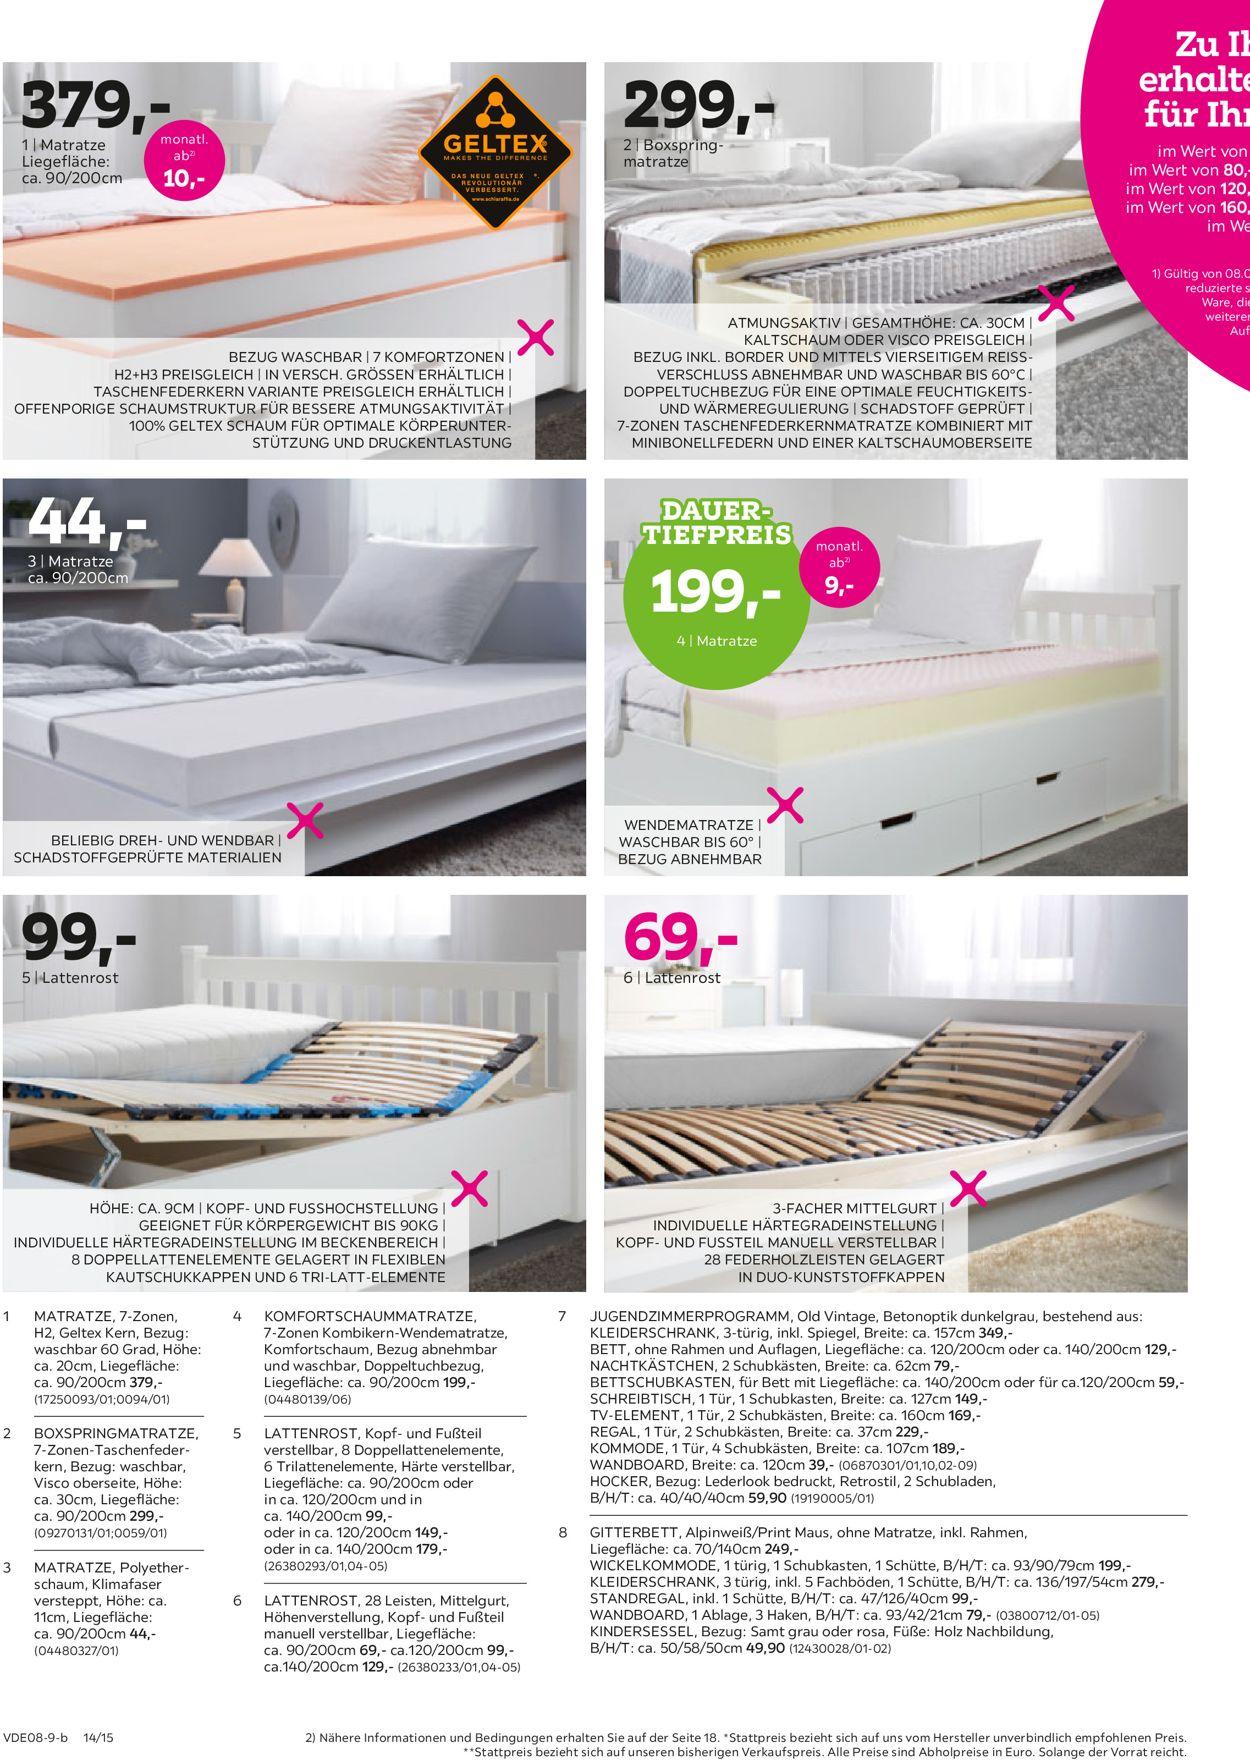 Mömax Prospekt - Aktuell vom 05.08-17.08.2019 (Seite 14)